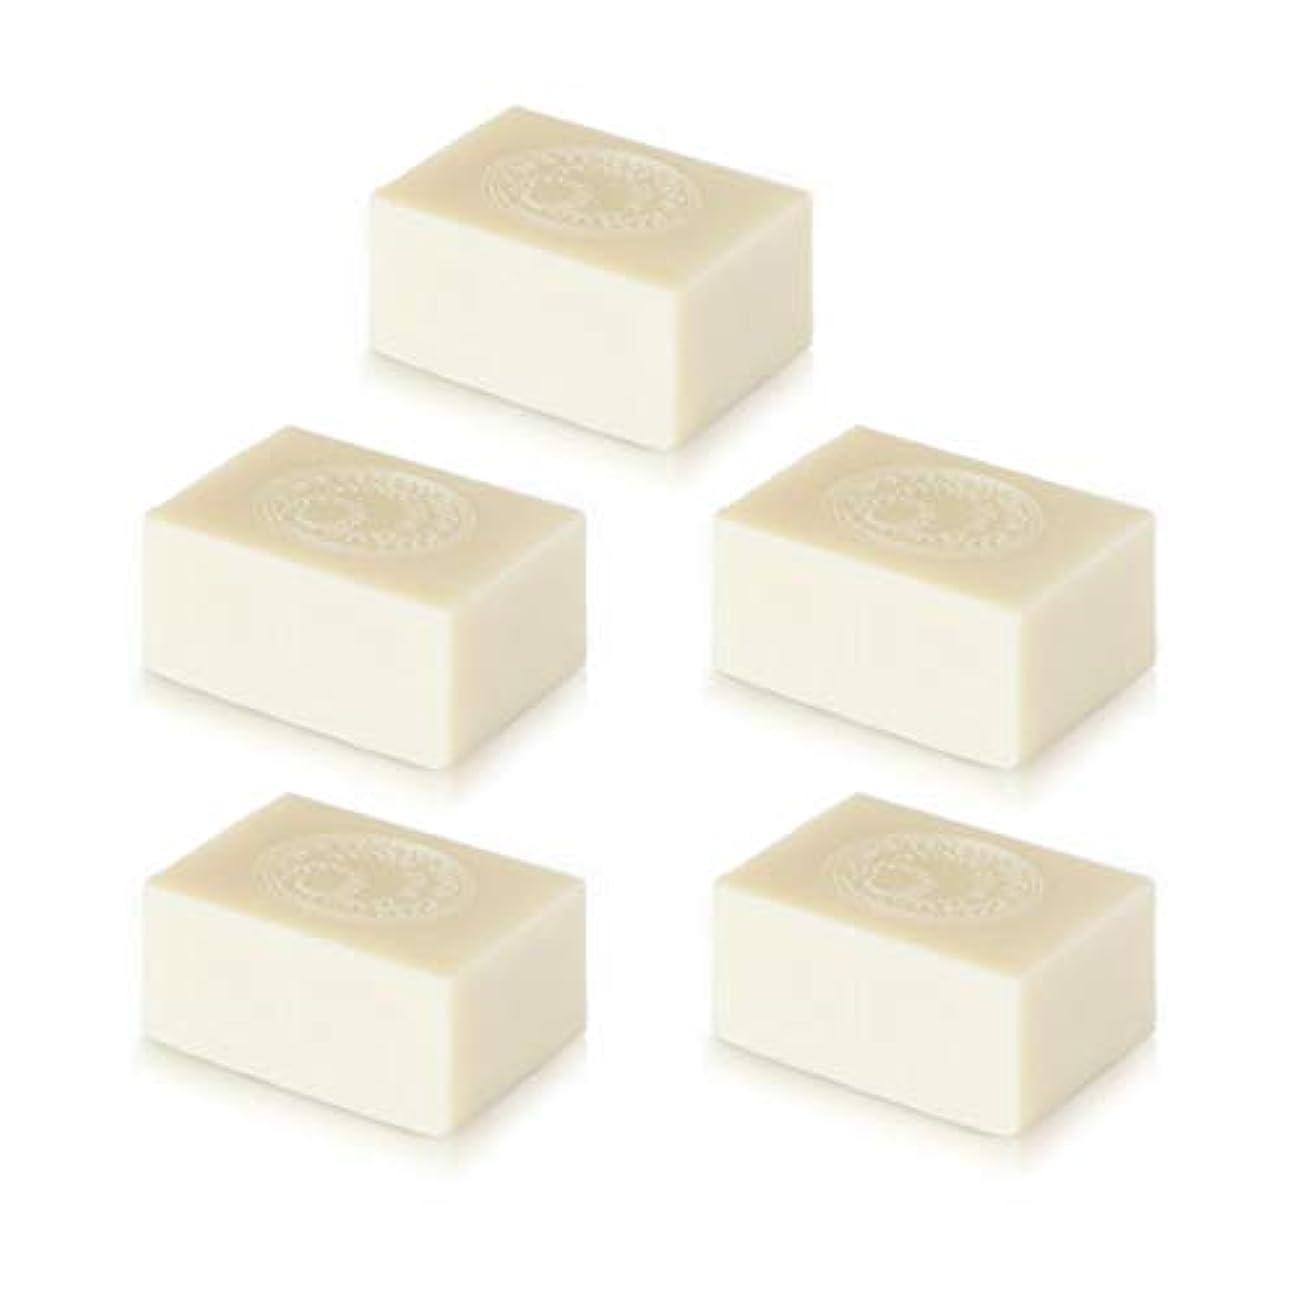 鷲滅多ブースナイアード アルガン石鹸5個セット( 145g ×5個)無添加アルガン石鹸